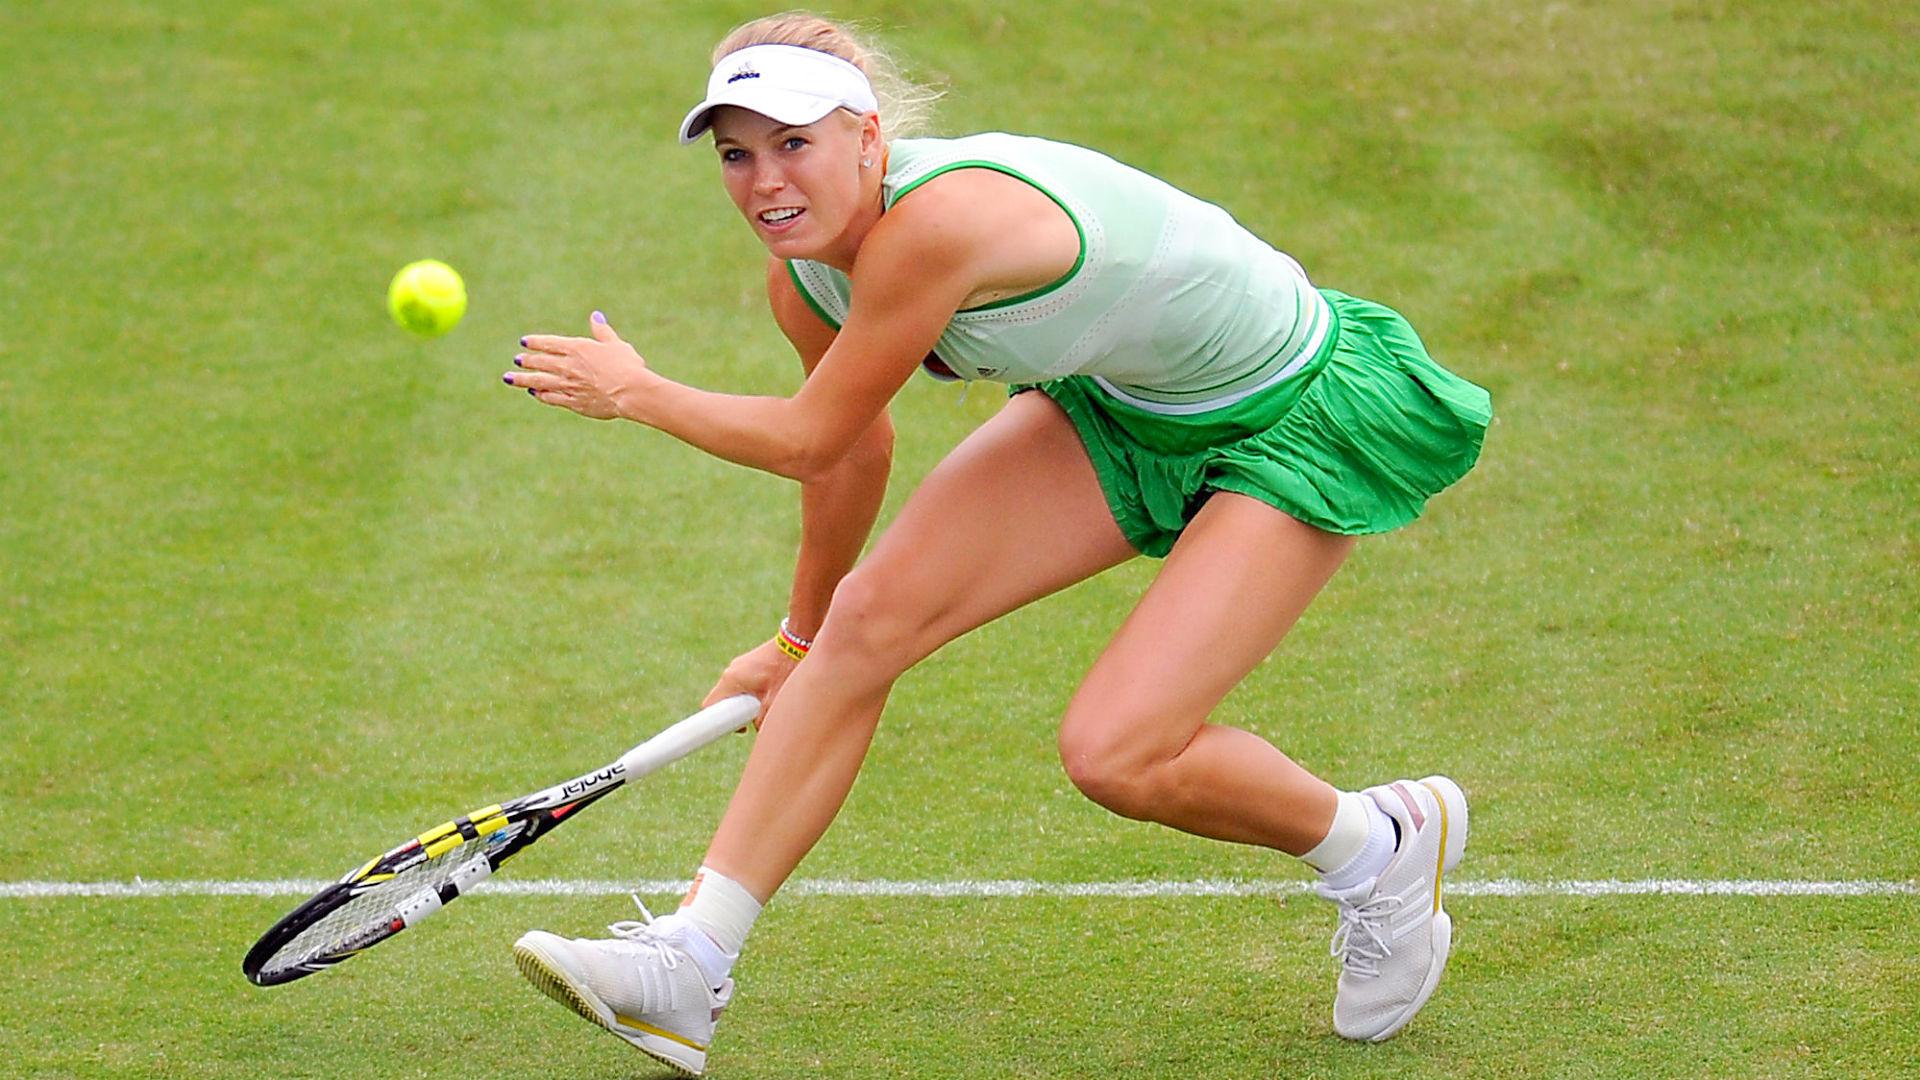 Wozniacki-Caroline061814-ap-ftr.jpg